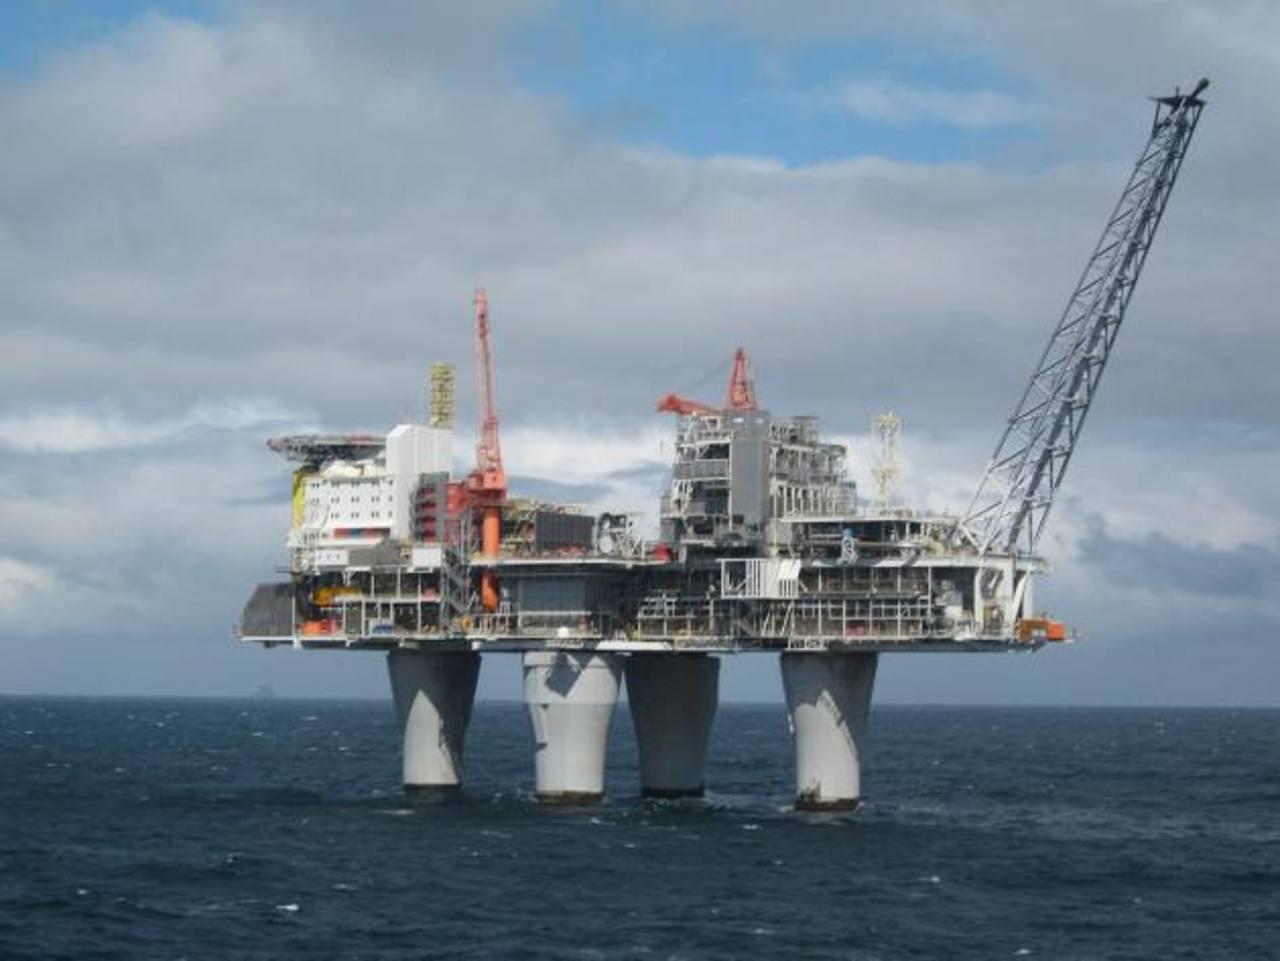 Las potencias petroleras han dicho que seguirán produciendo más crudo. Foto EDH